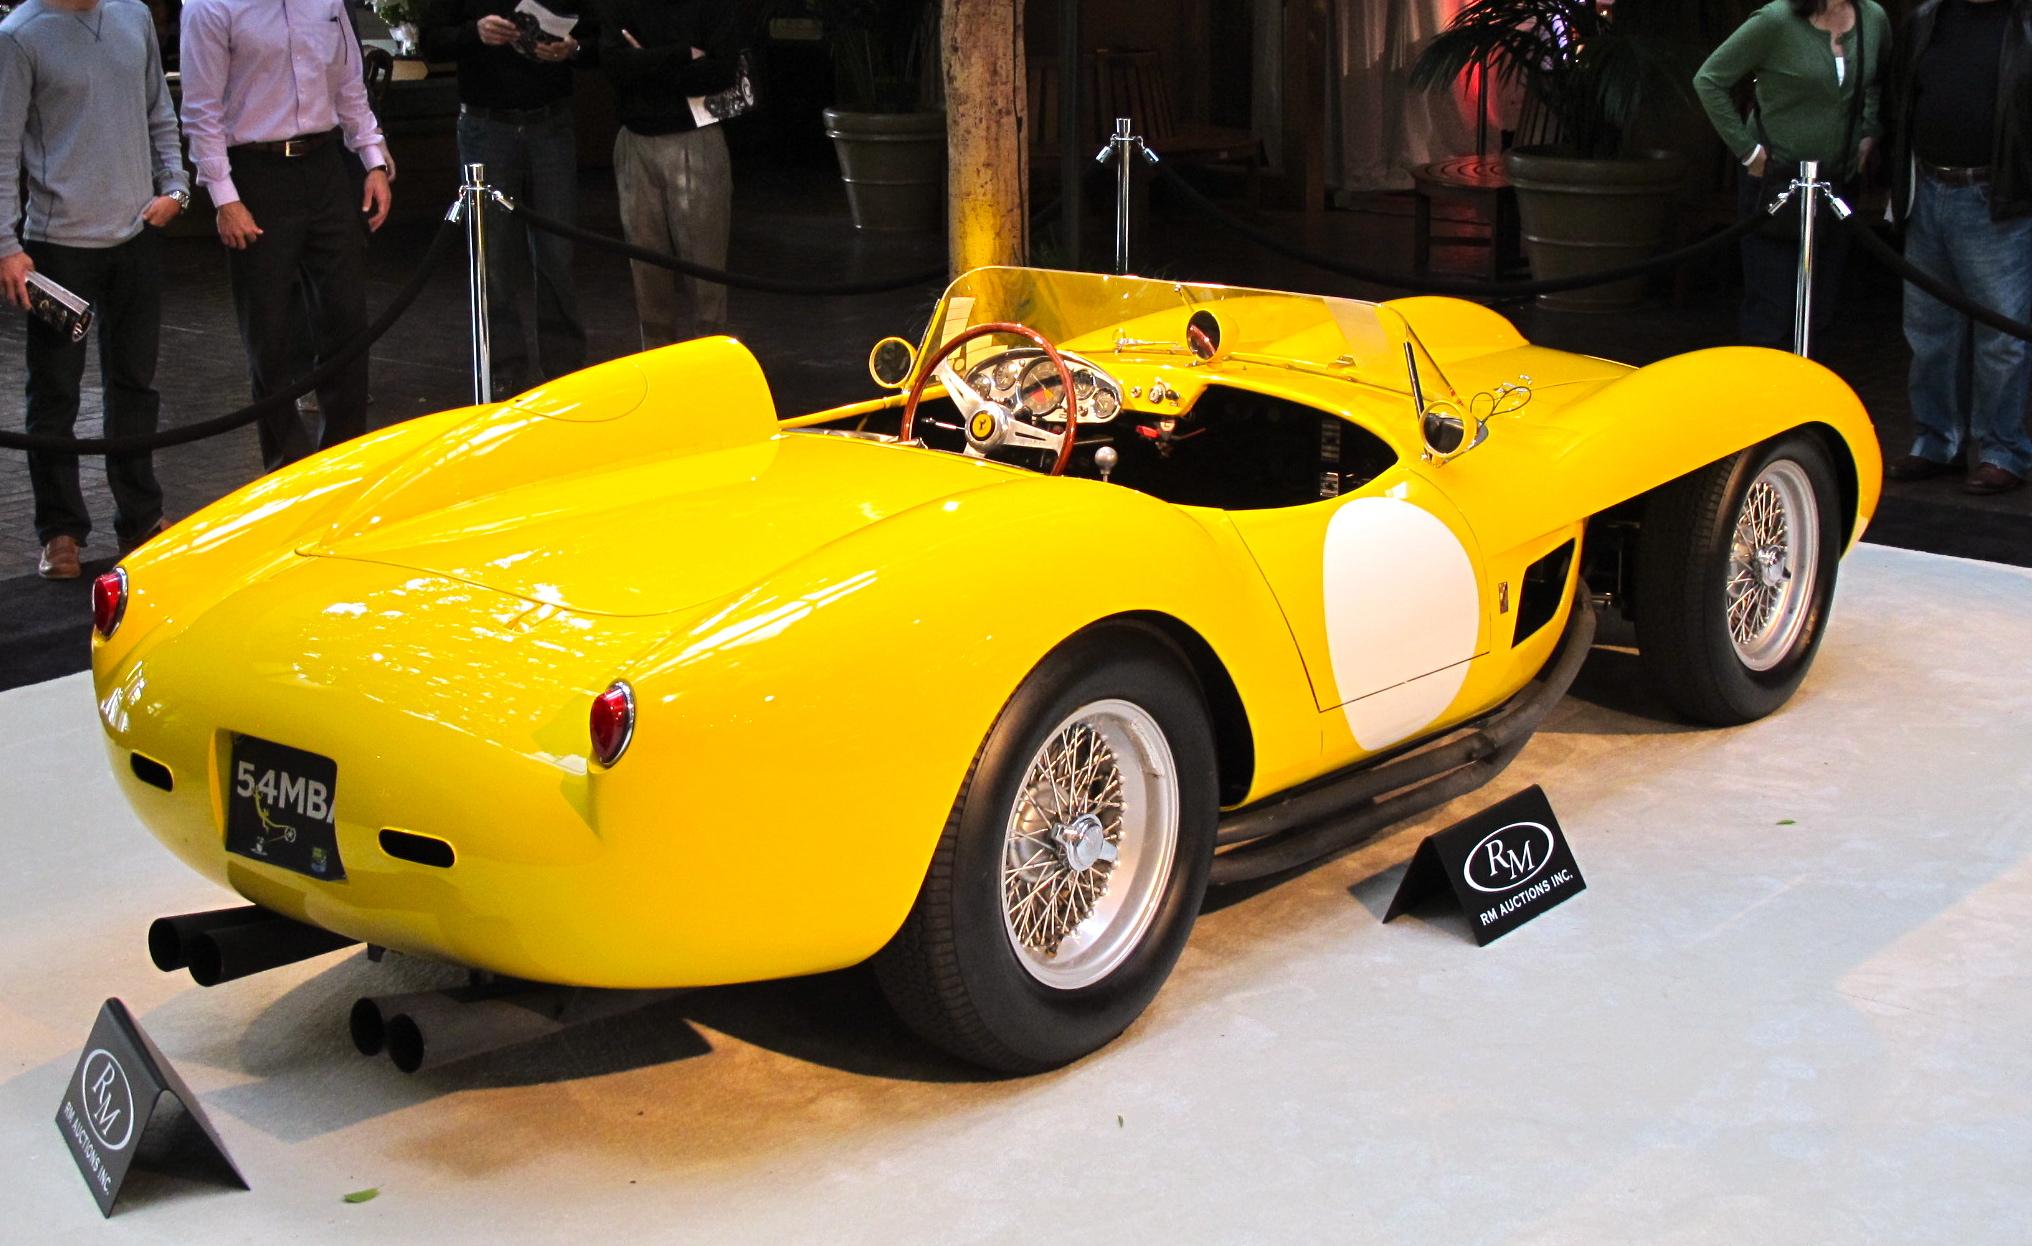 This 1958 Ferrari 250 Testa